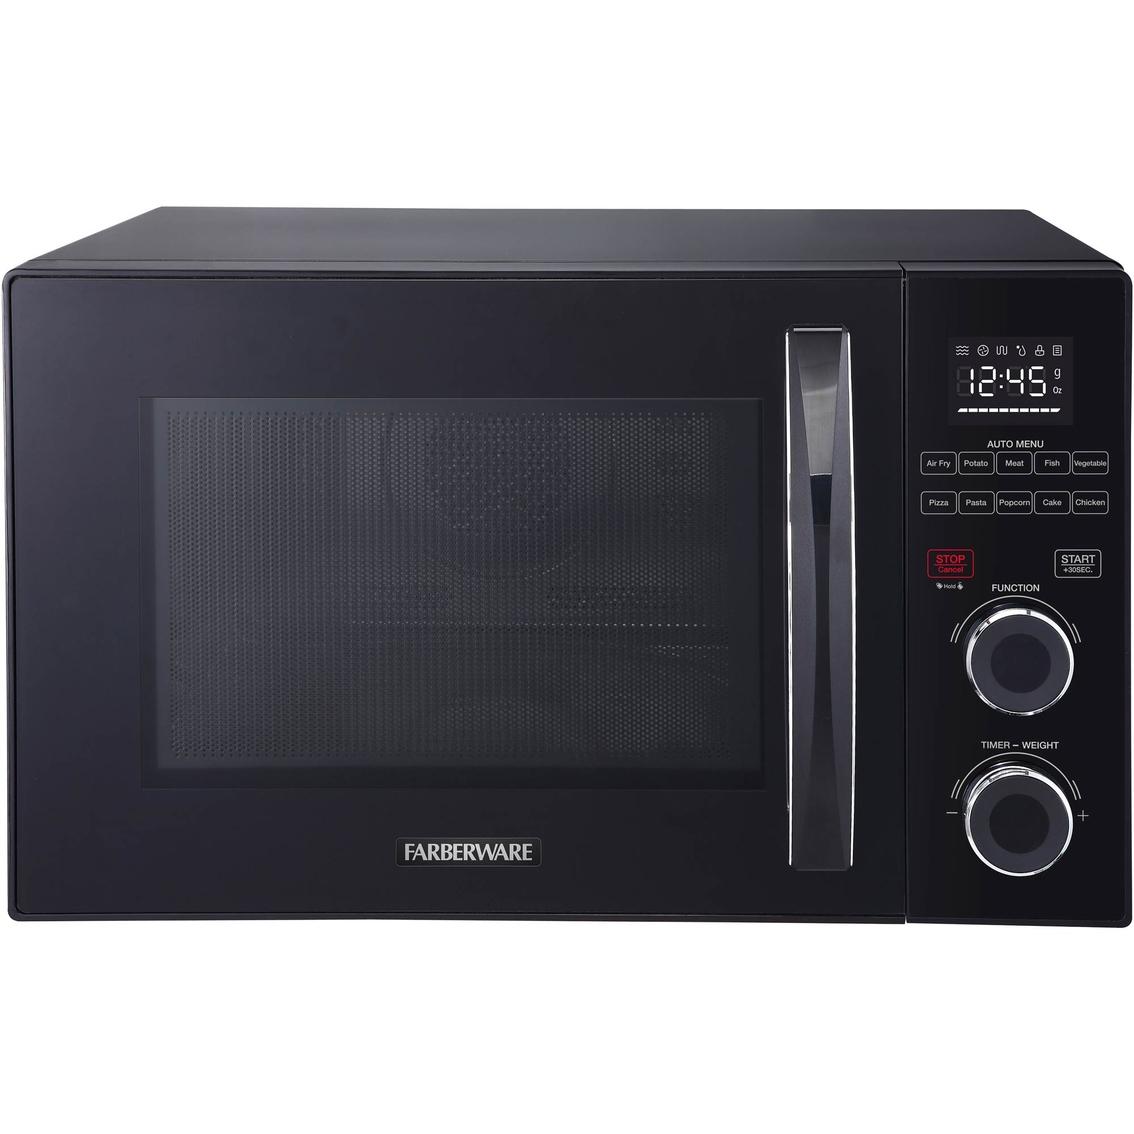 farberware gourmet 1 0 cu ft 1500 watt microwave oven with healthy air fry